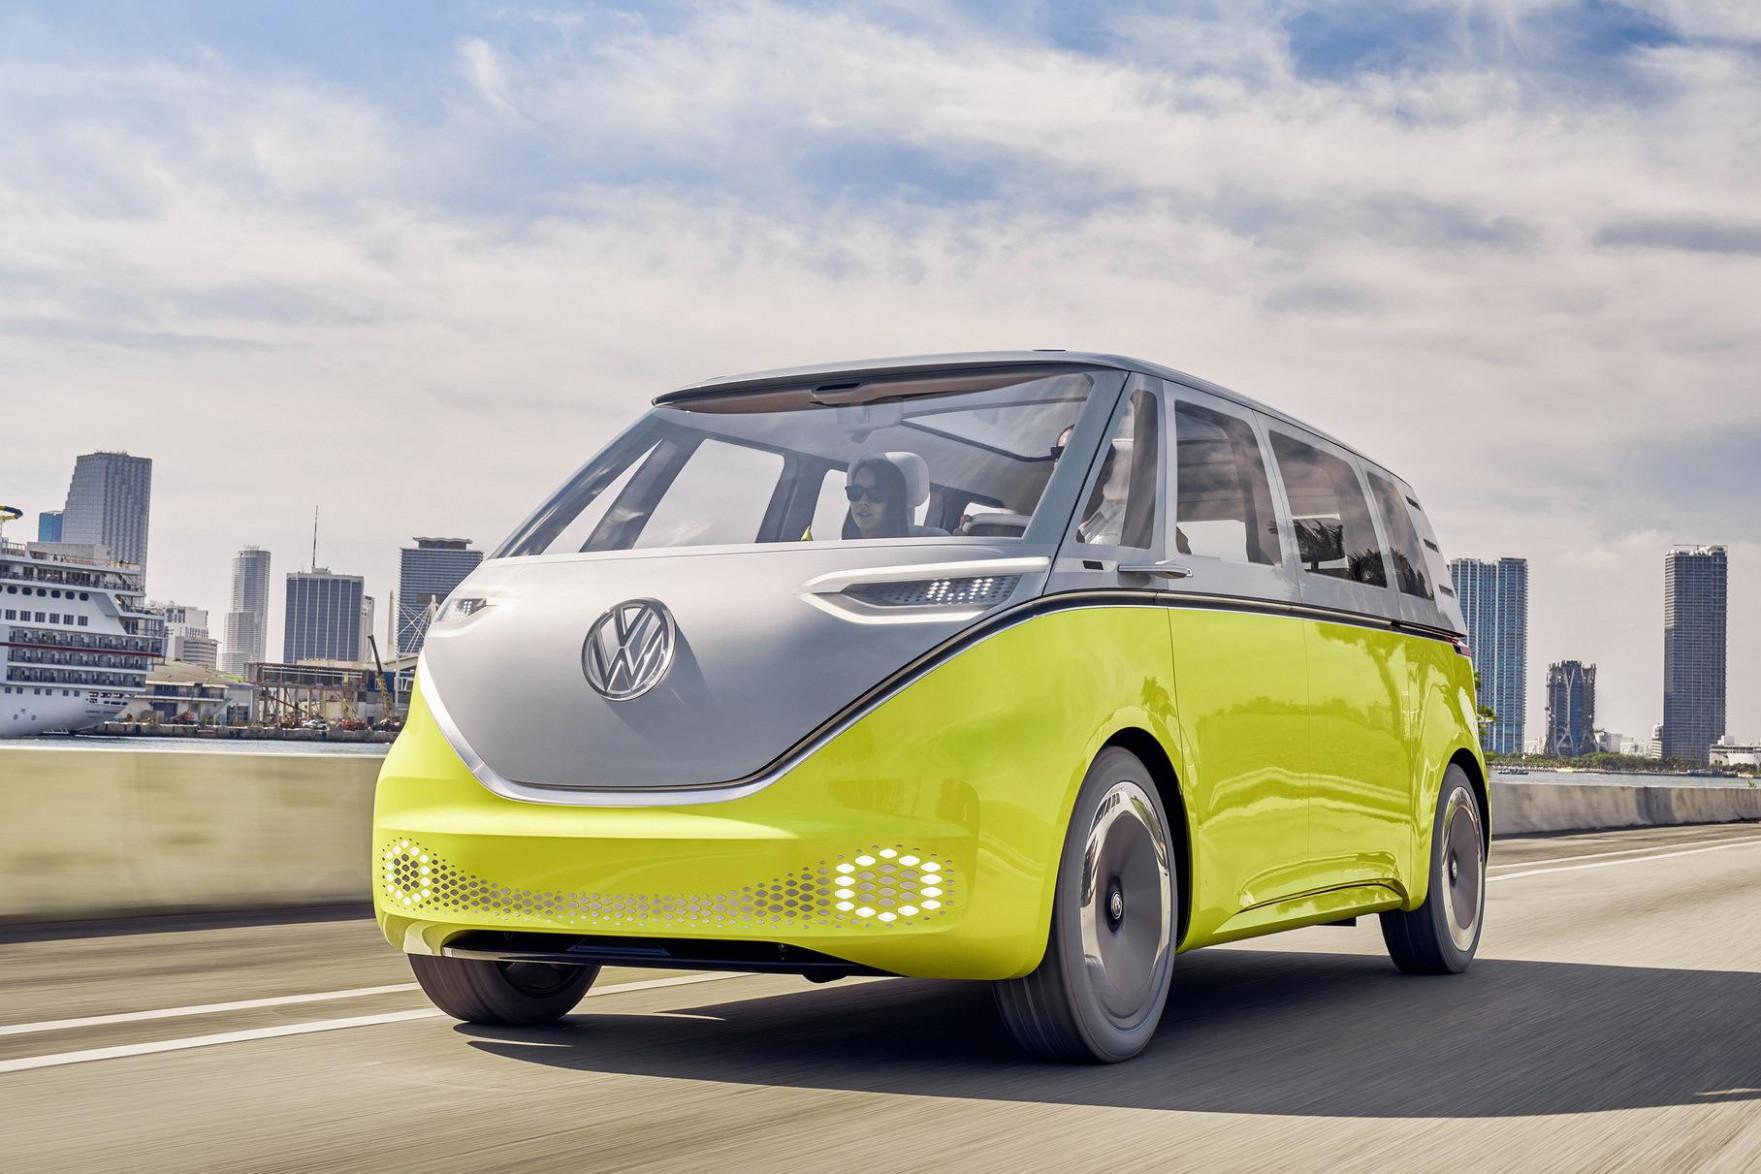 Spy Shoot 2022 VW Touran